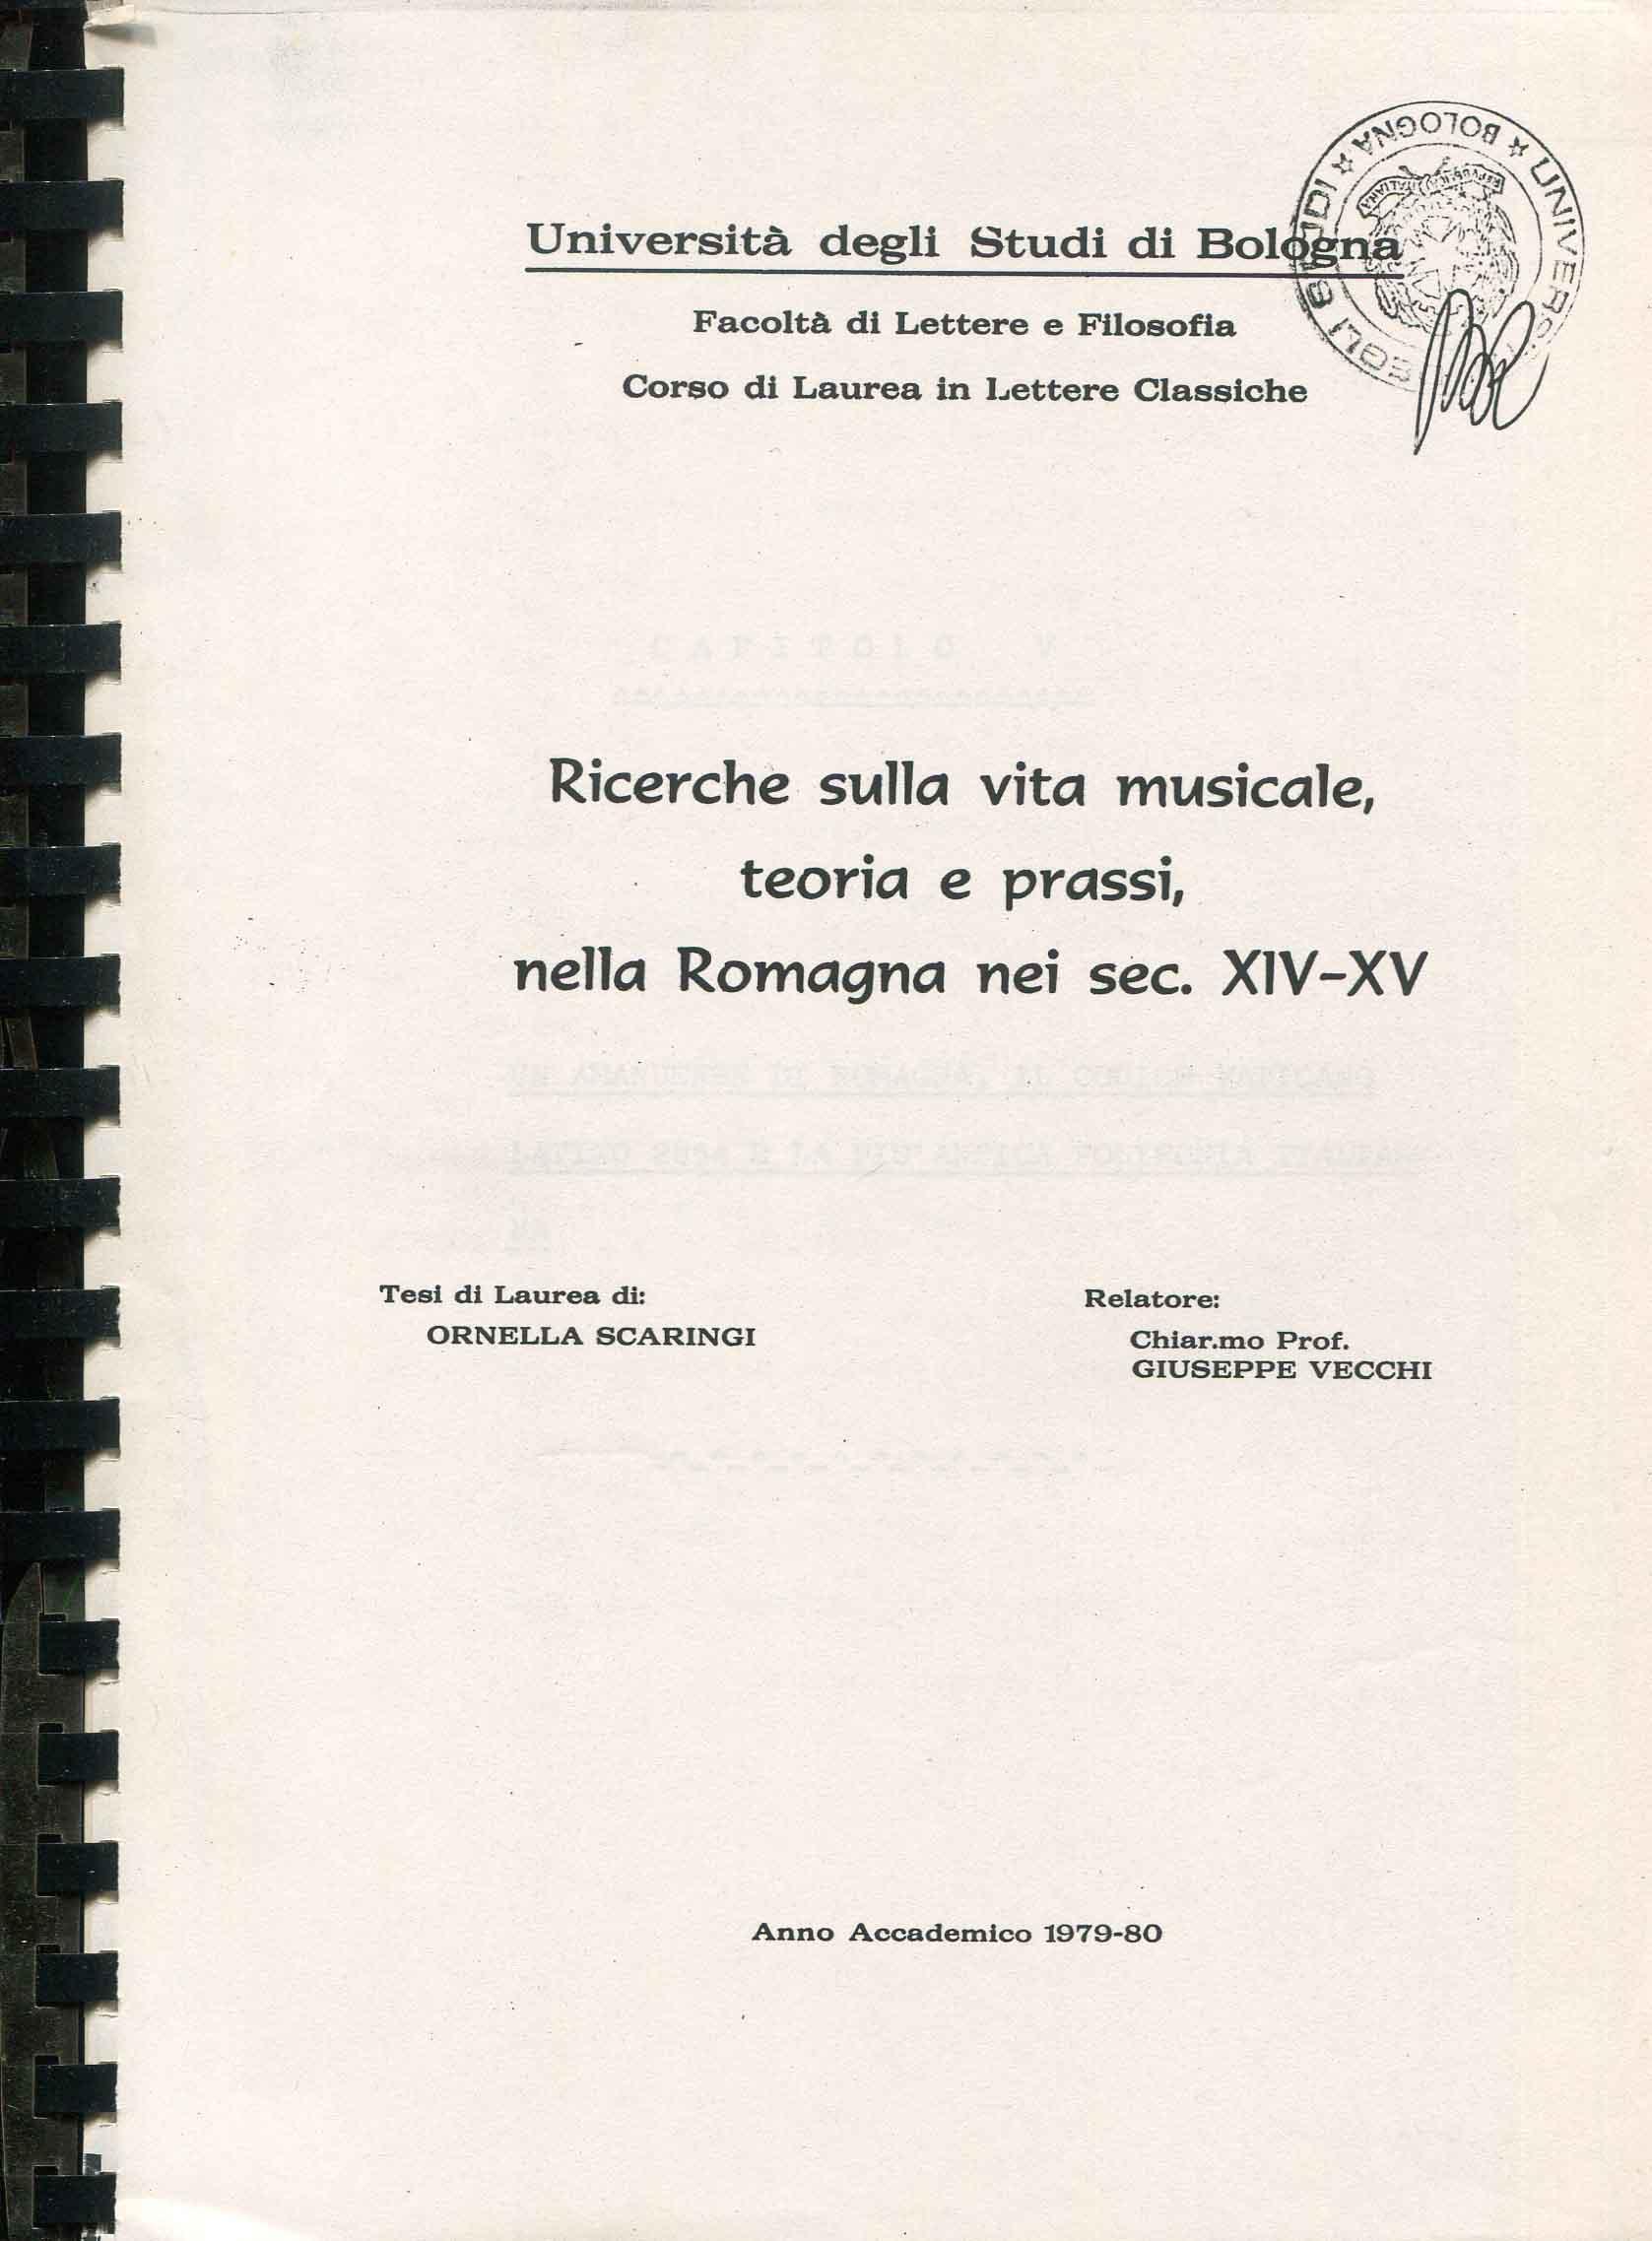 Ricerche sulla vita musicale, teoria e prassi, nella Romagna nei sec. 14.-15.